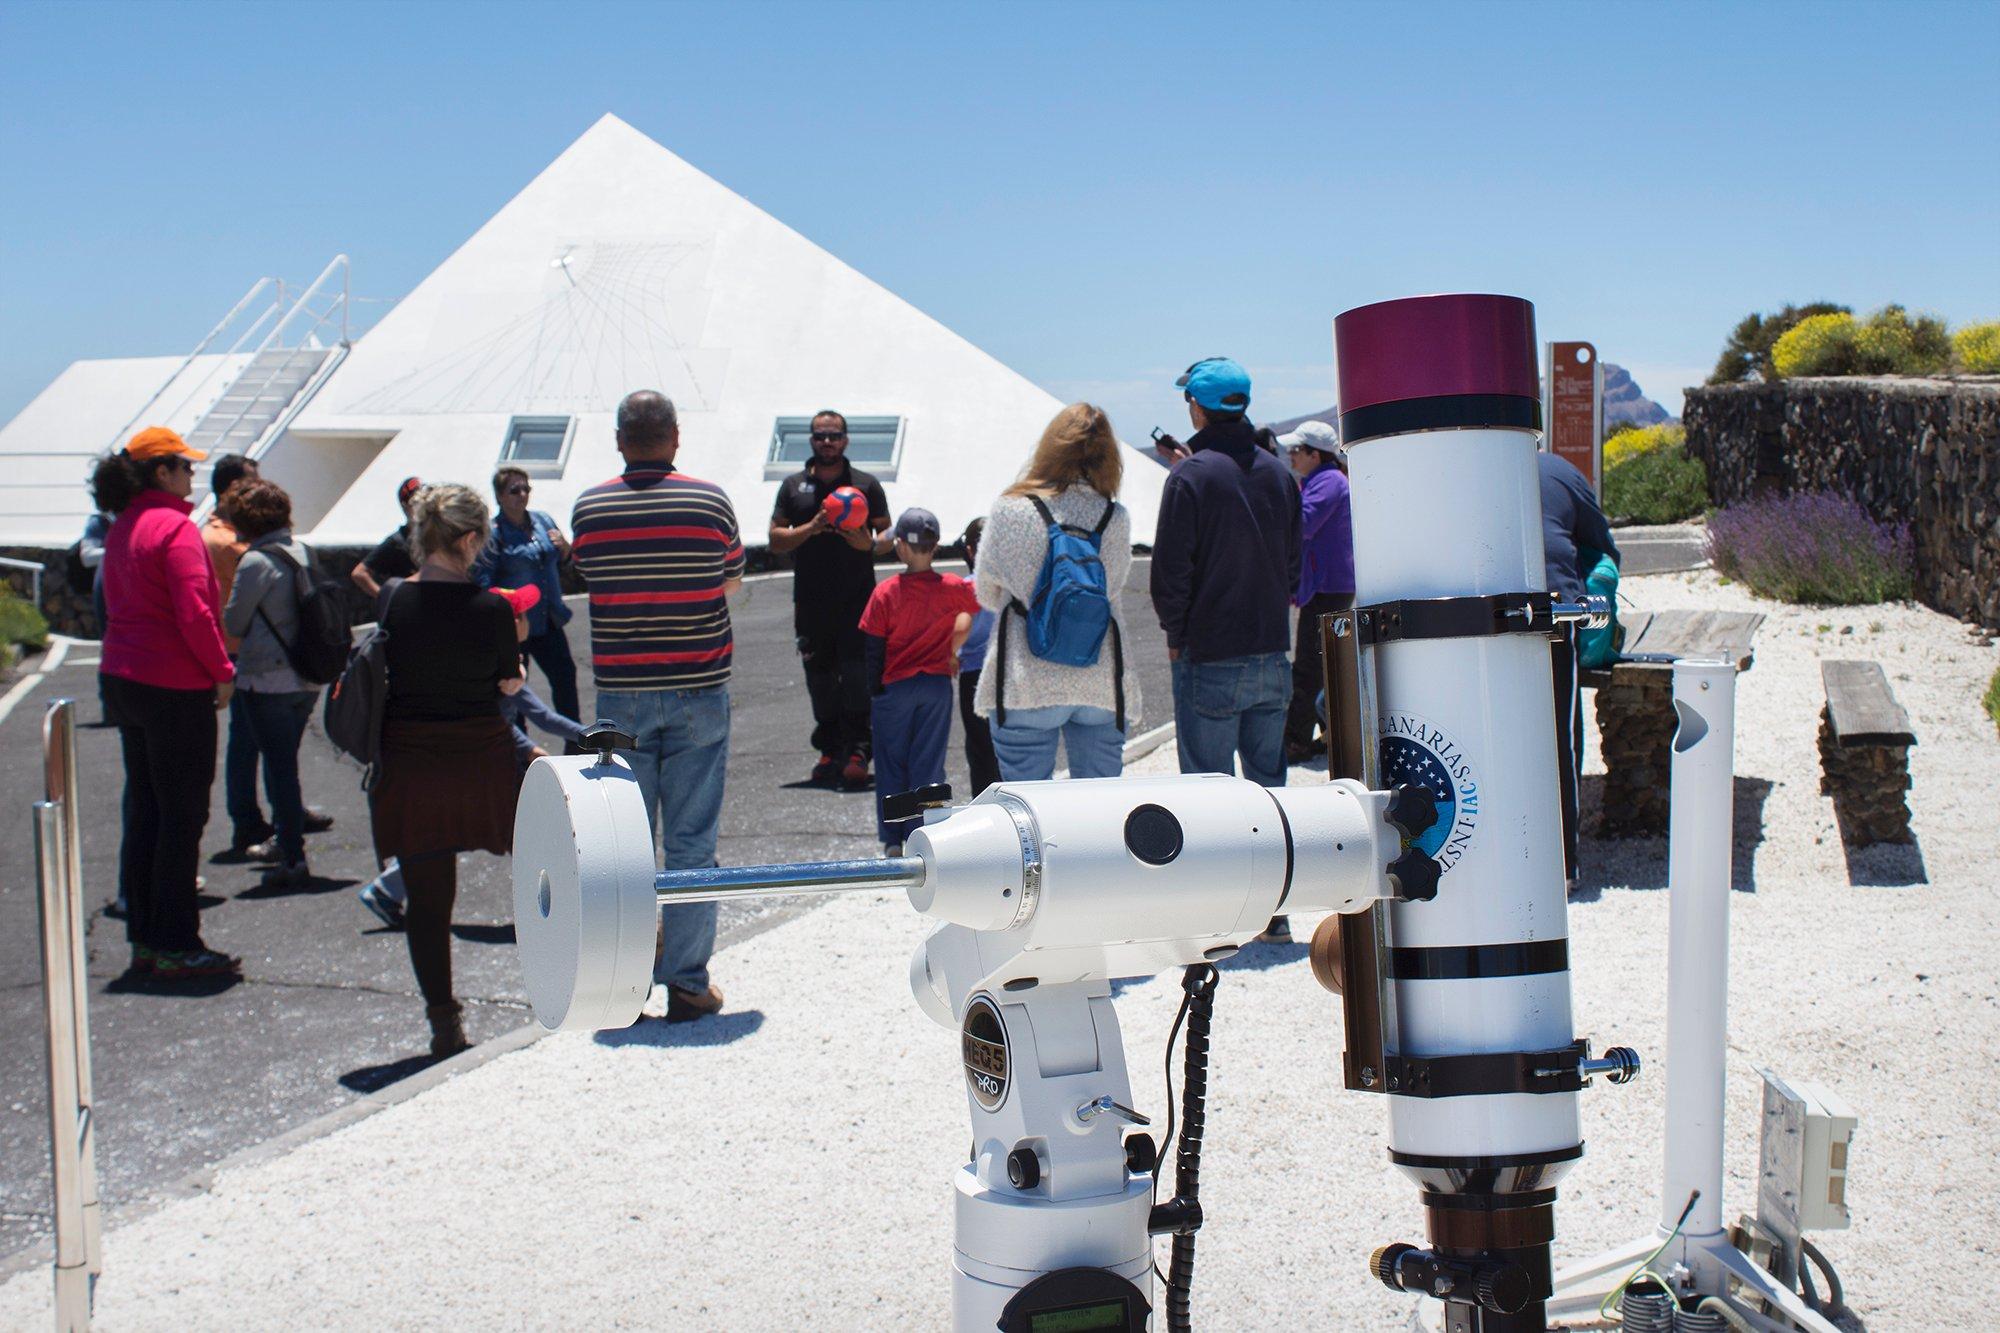 Visitare l'Osservatorio del Teide con bambini